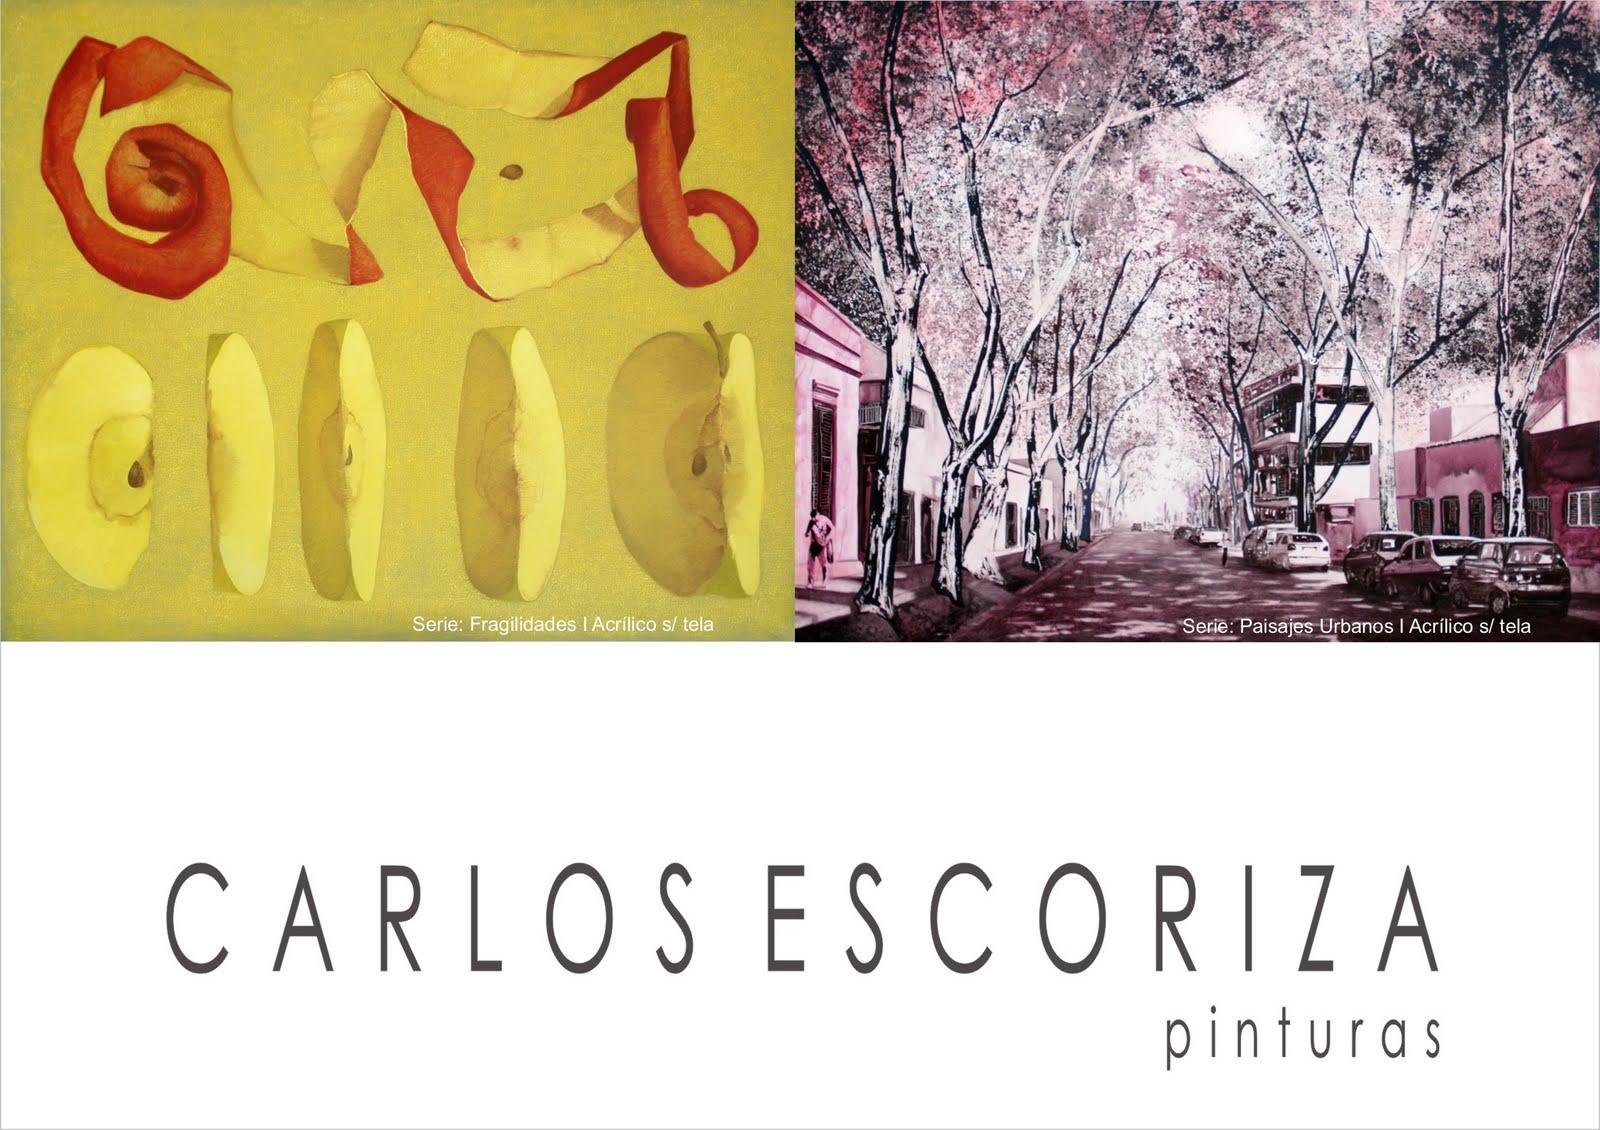 EXPOSICION DE PINTURAS DE CARLOS ESCORIZA | Phi - espacio de arte.